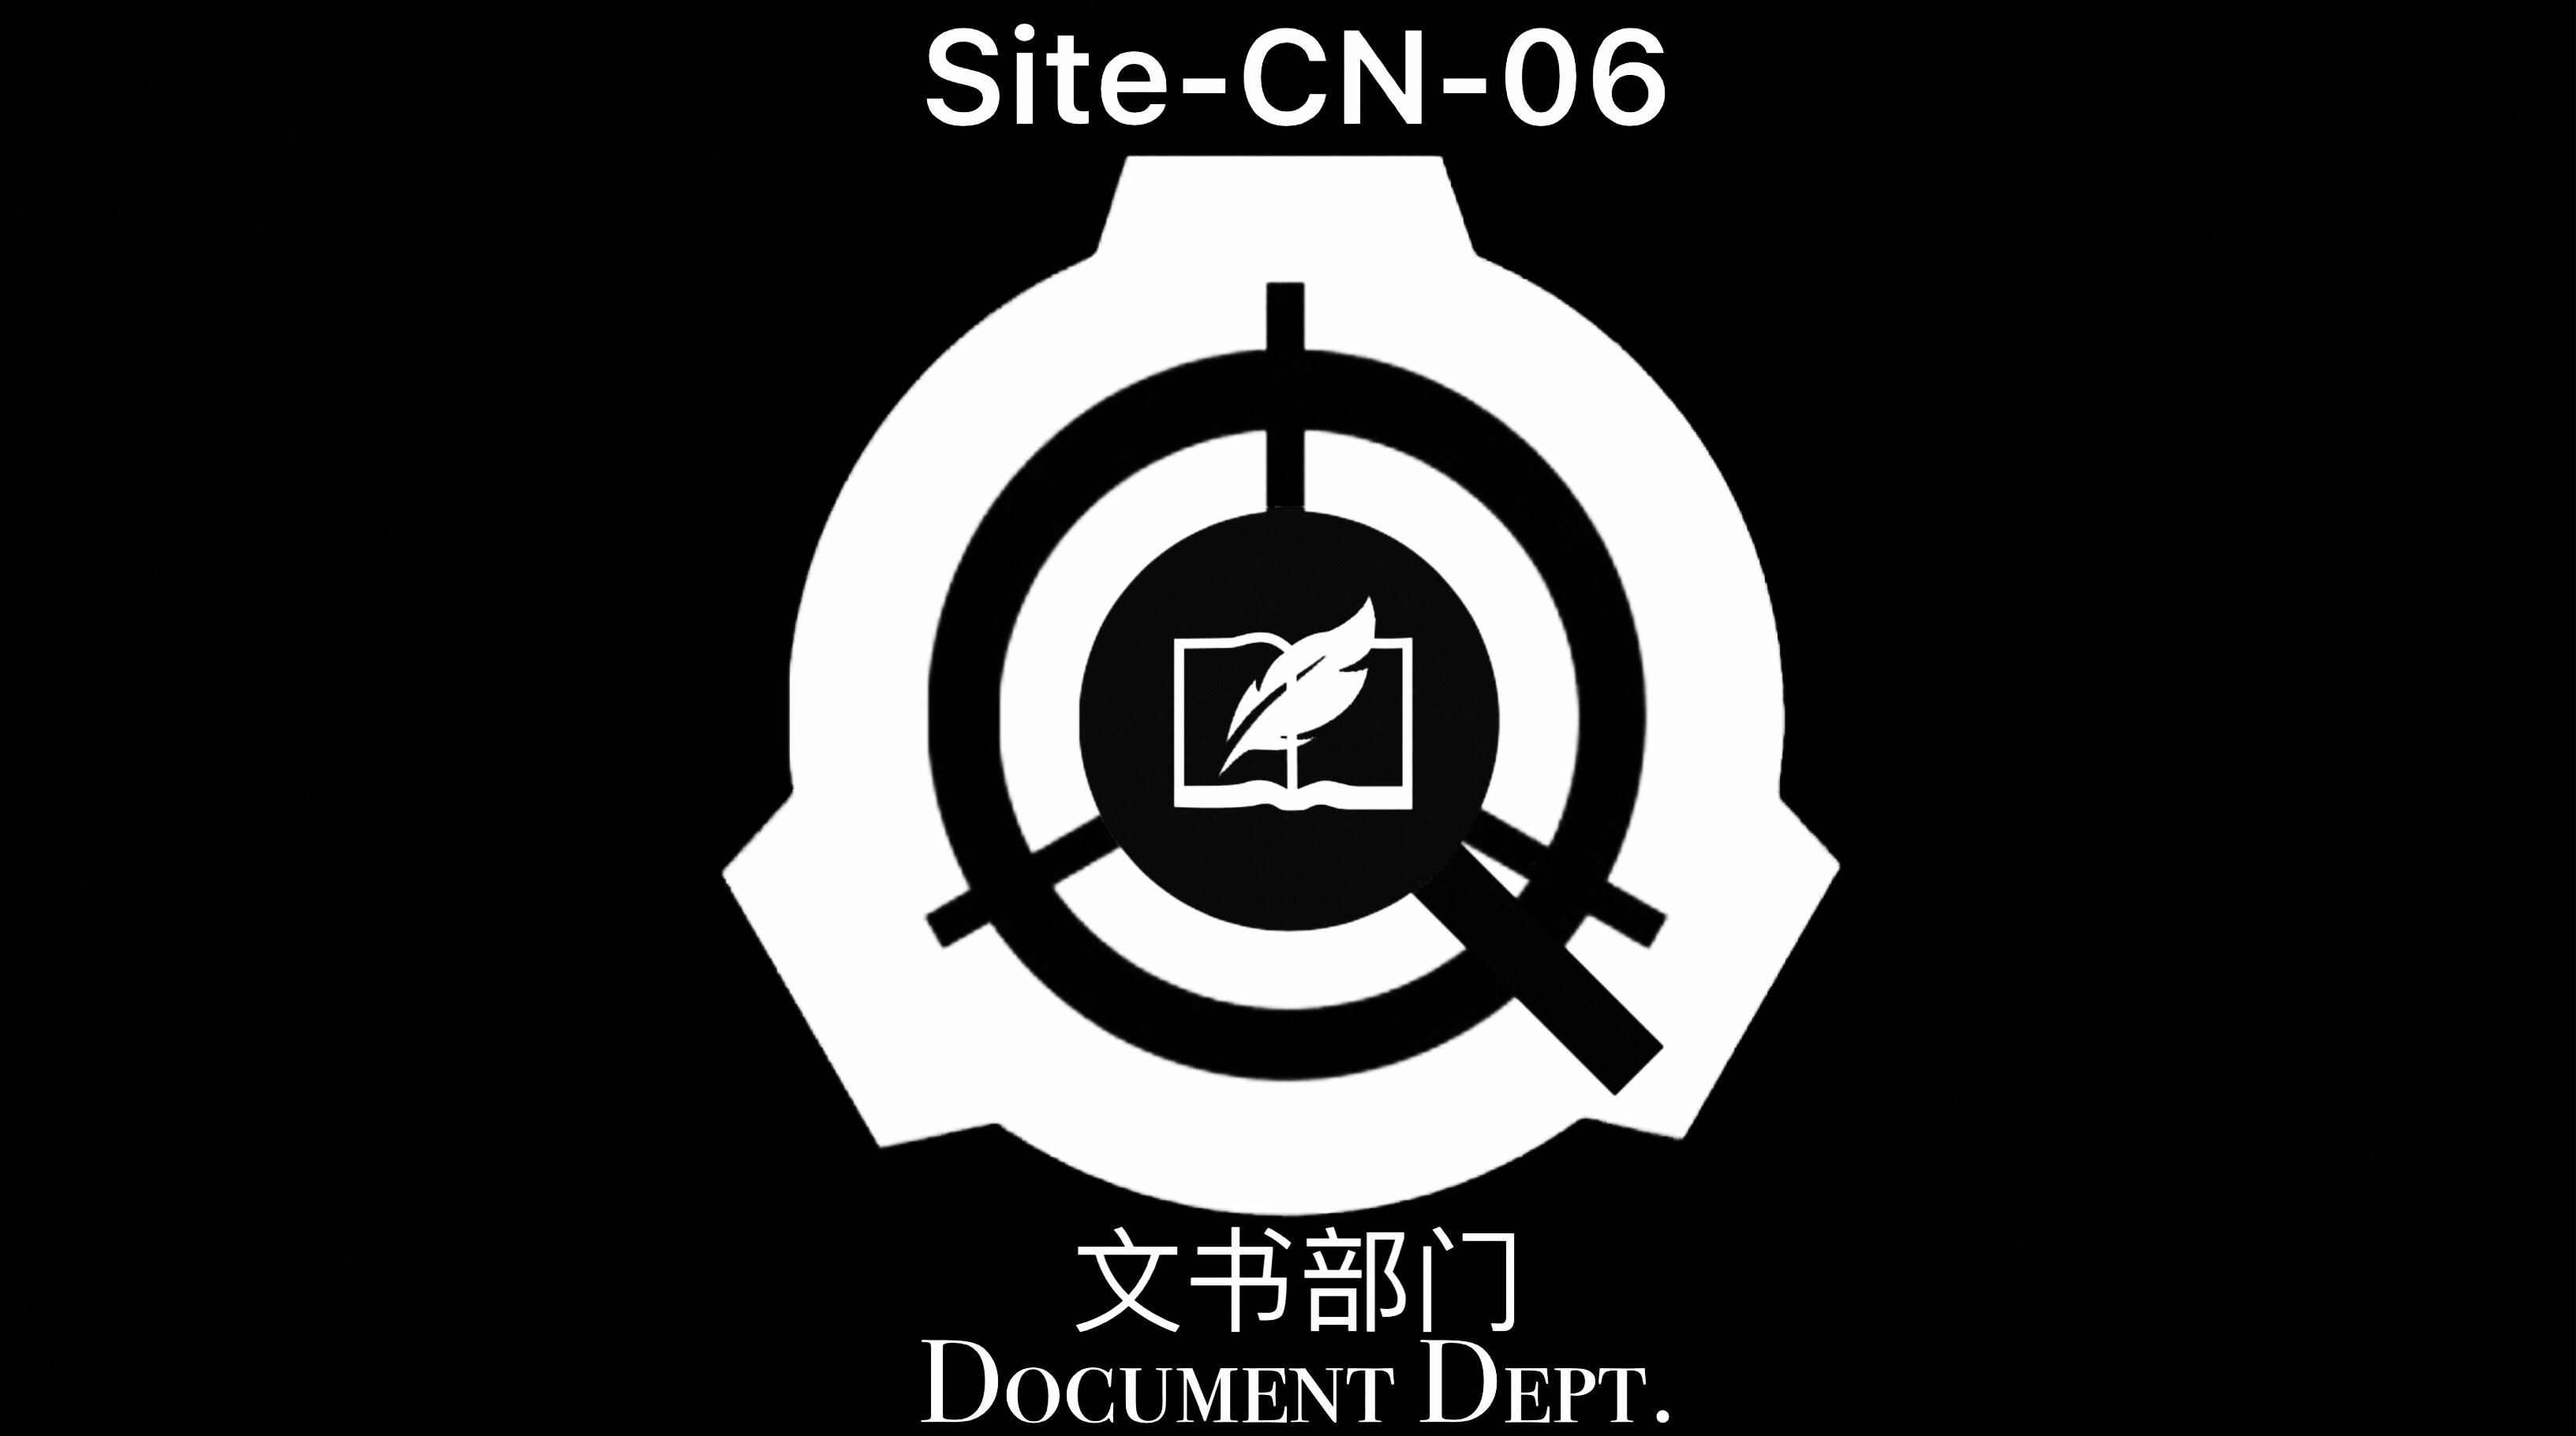 CY3rvQ.jpg